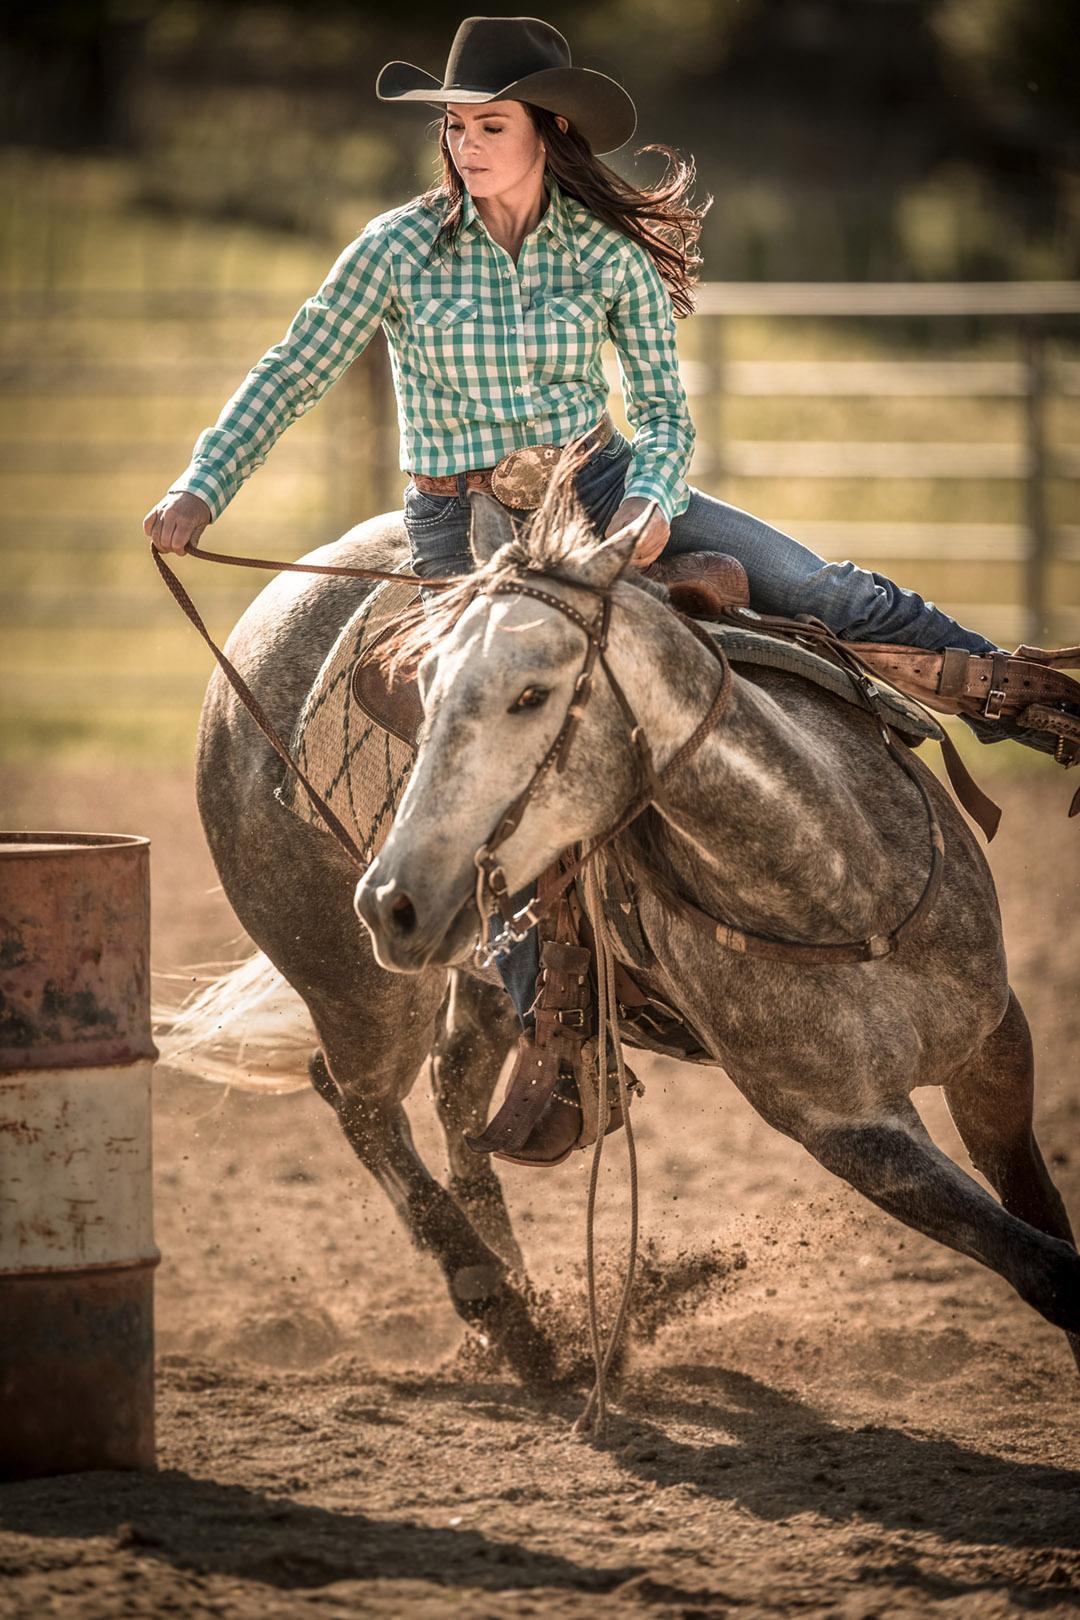 Wrangler Athlete Ivy Conrado Barrel Racing In California For A Wrangler Jeans Shoot.